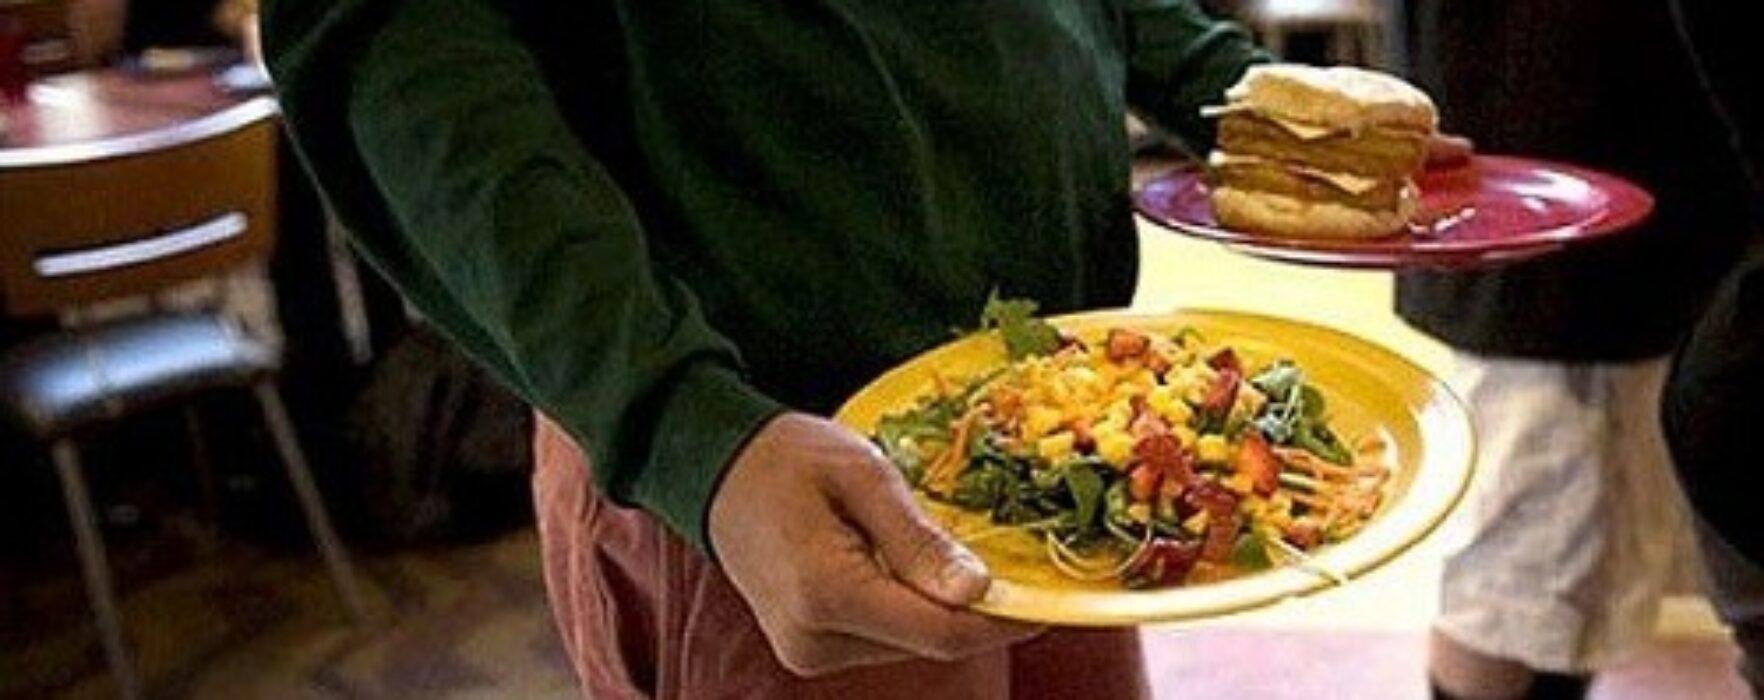 Meniu special de sărbători, la Cantina de Ajutor Social Târgovişte